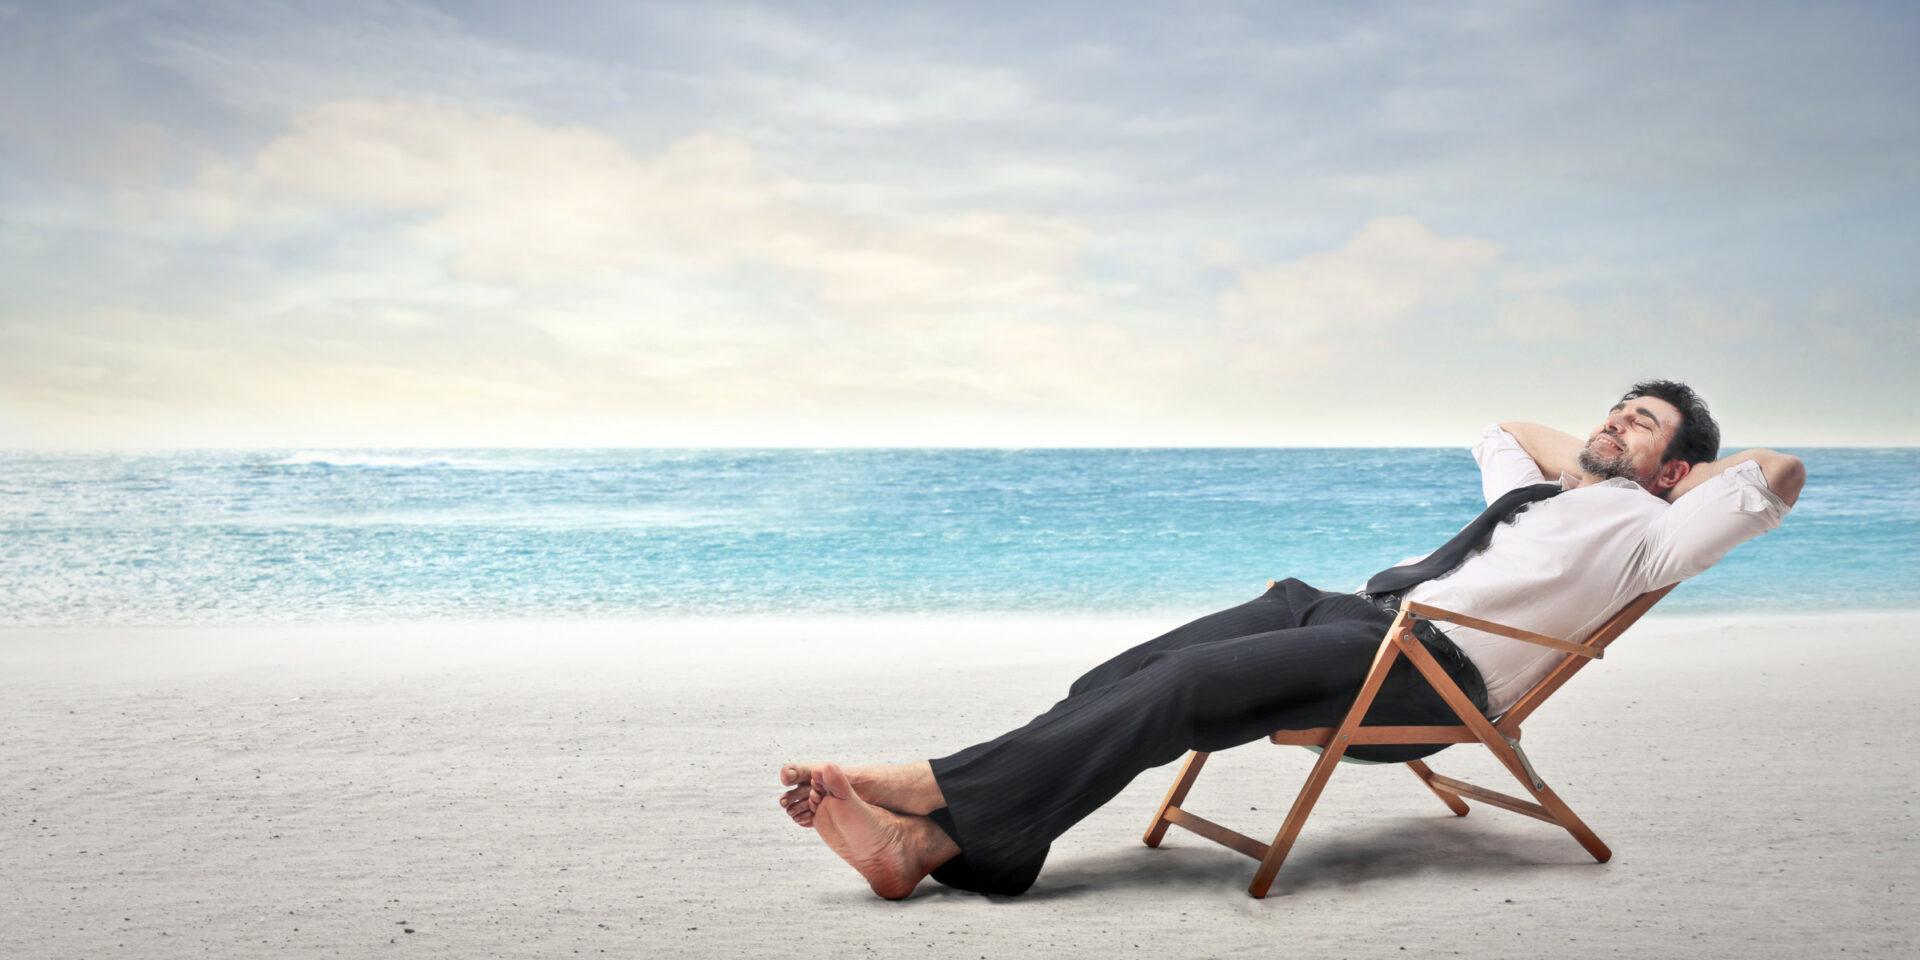 Epoch Times: Седые волосы могут восстановить естественный цвет во время отпуска